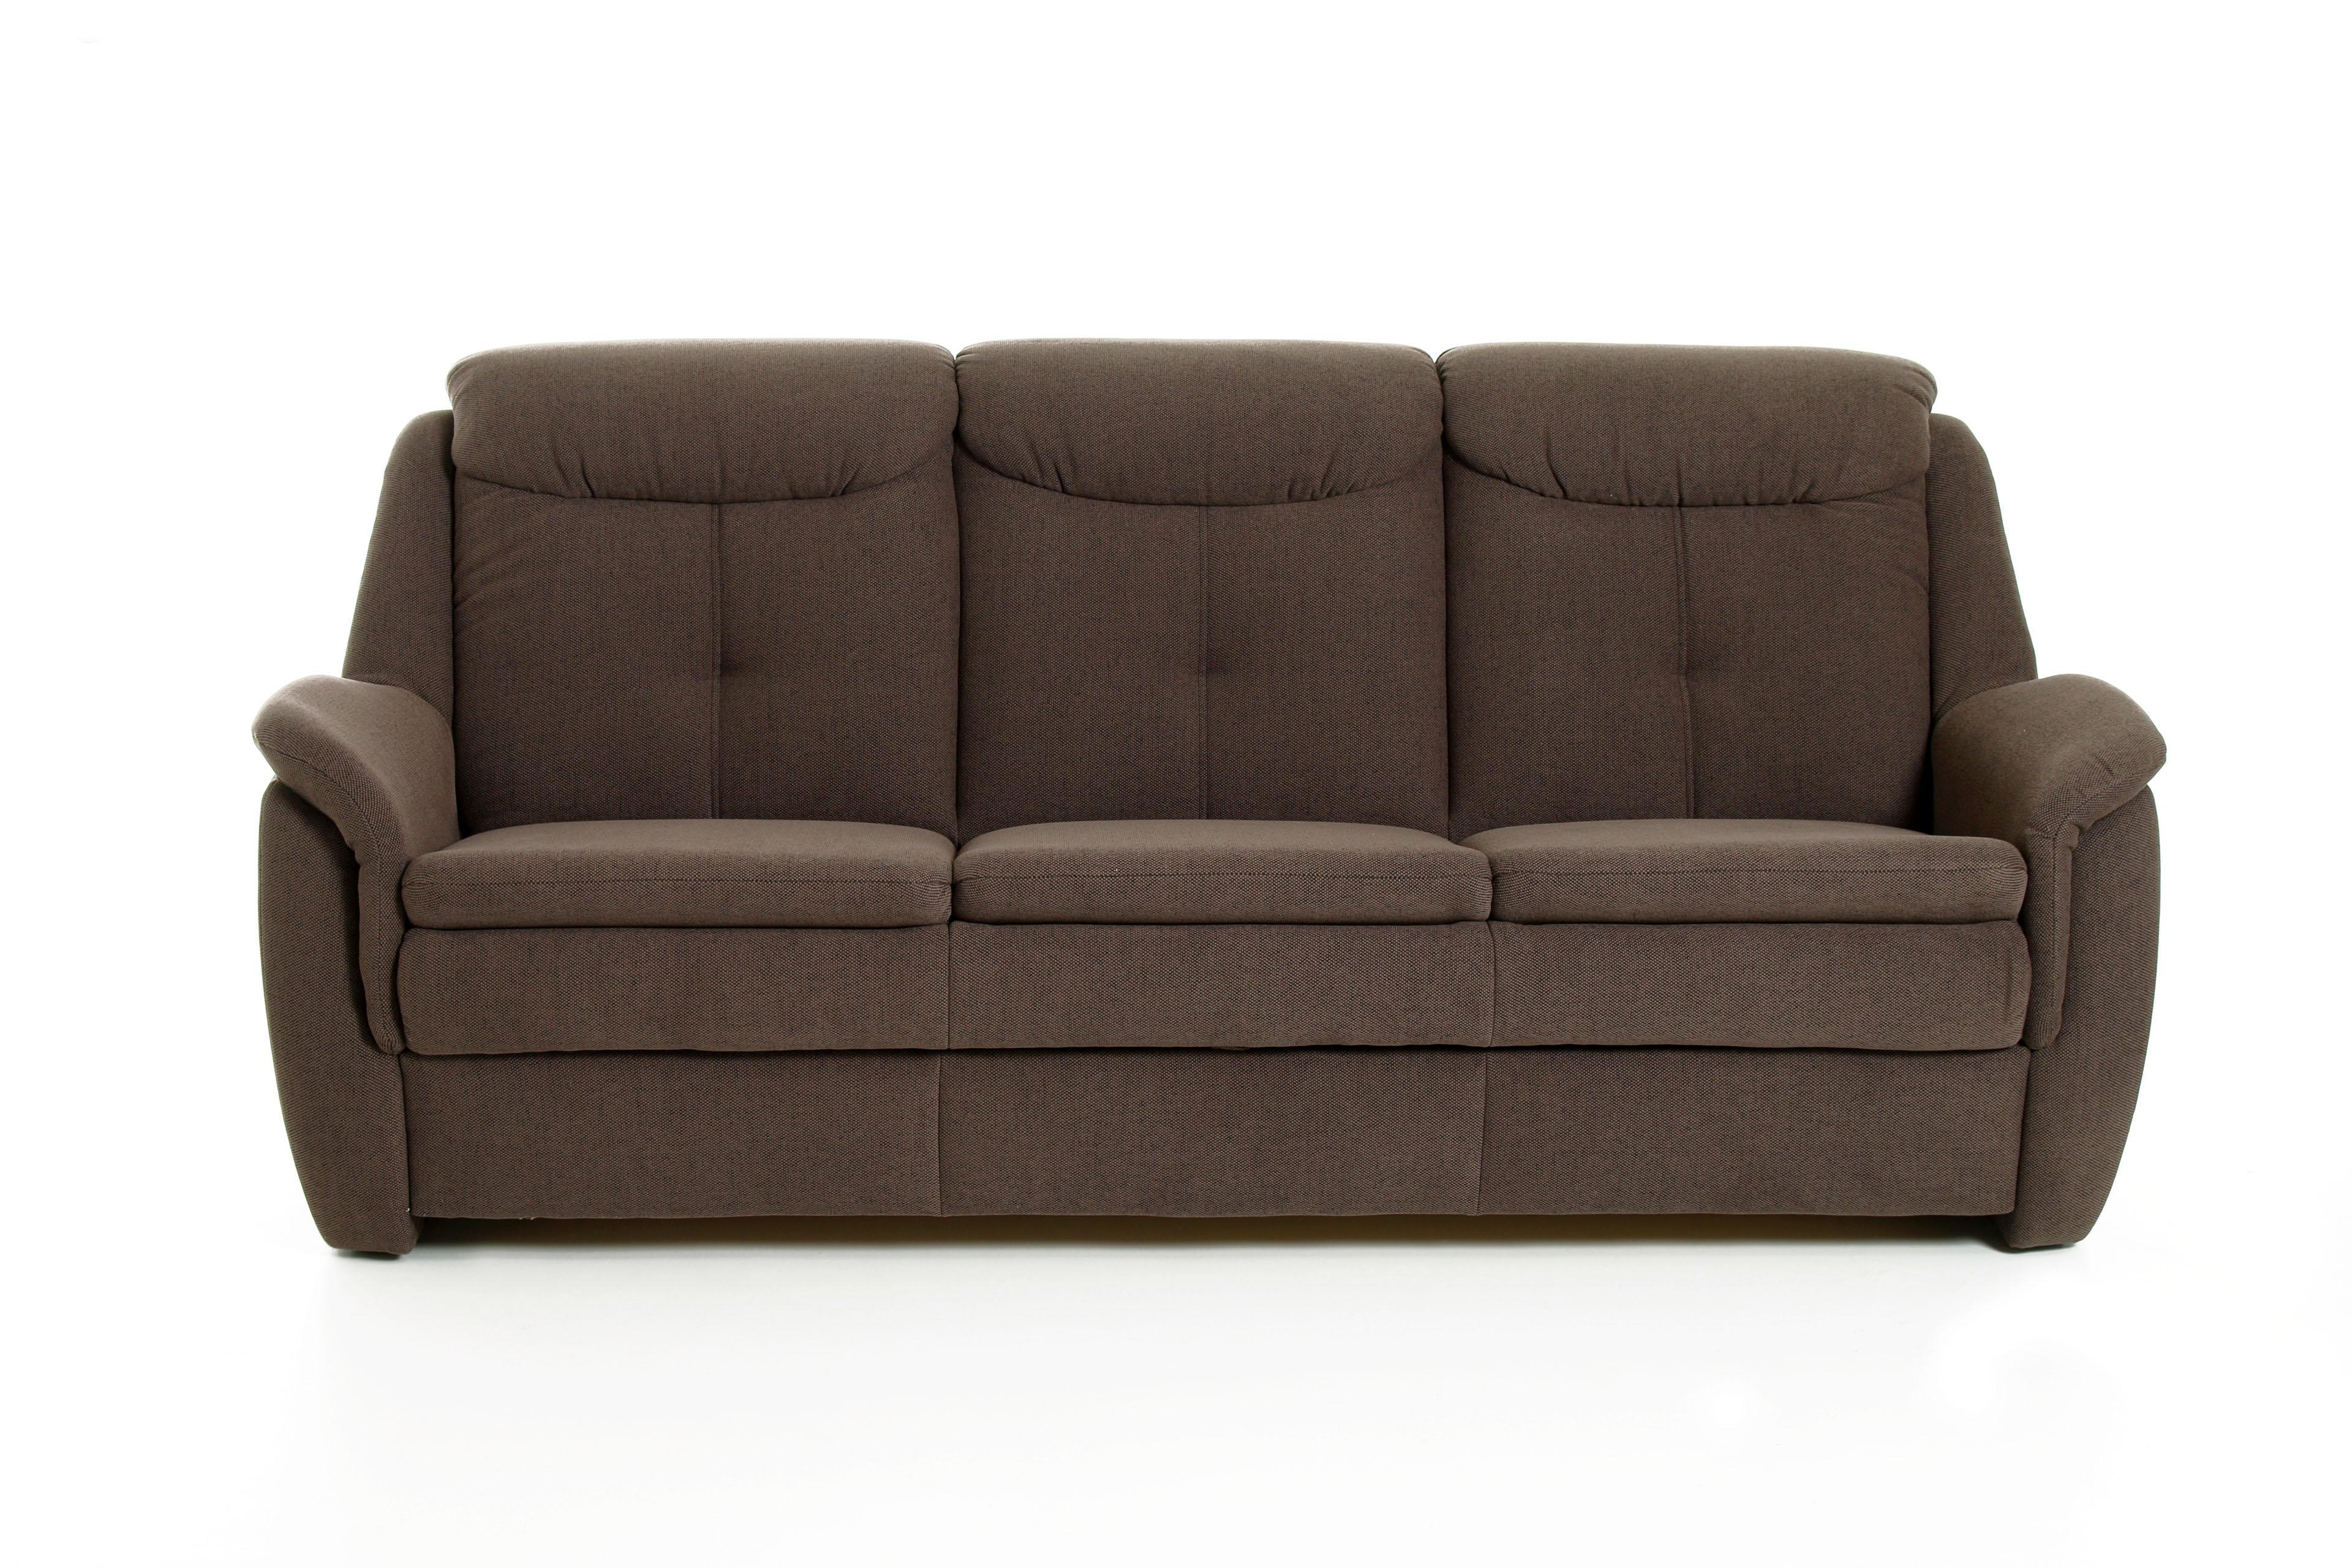 dietsch troja polstergarnitur braun m bel letz ihr. Black Bedroom Furniture Sets. Home Design Ideas